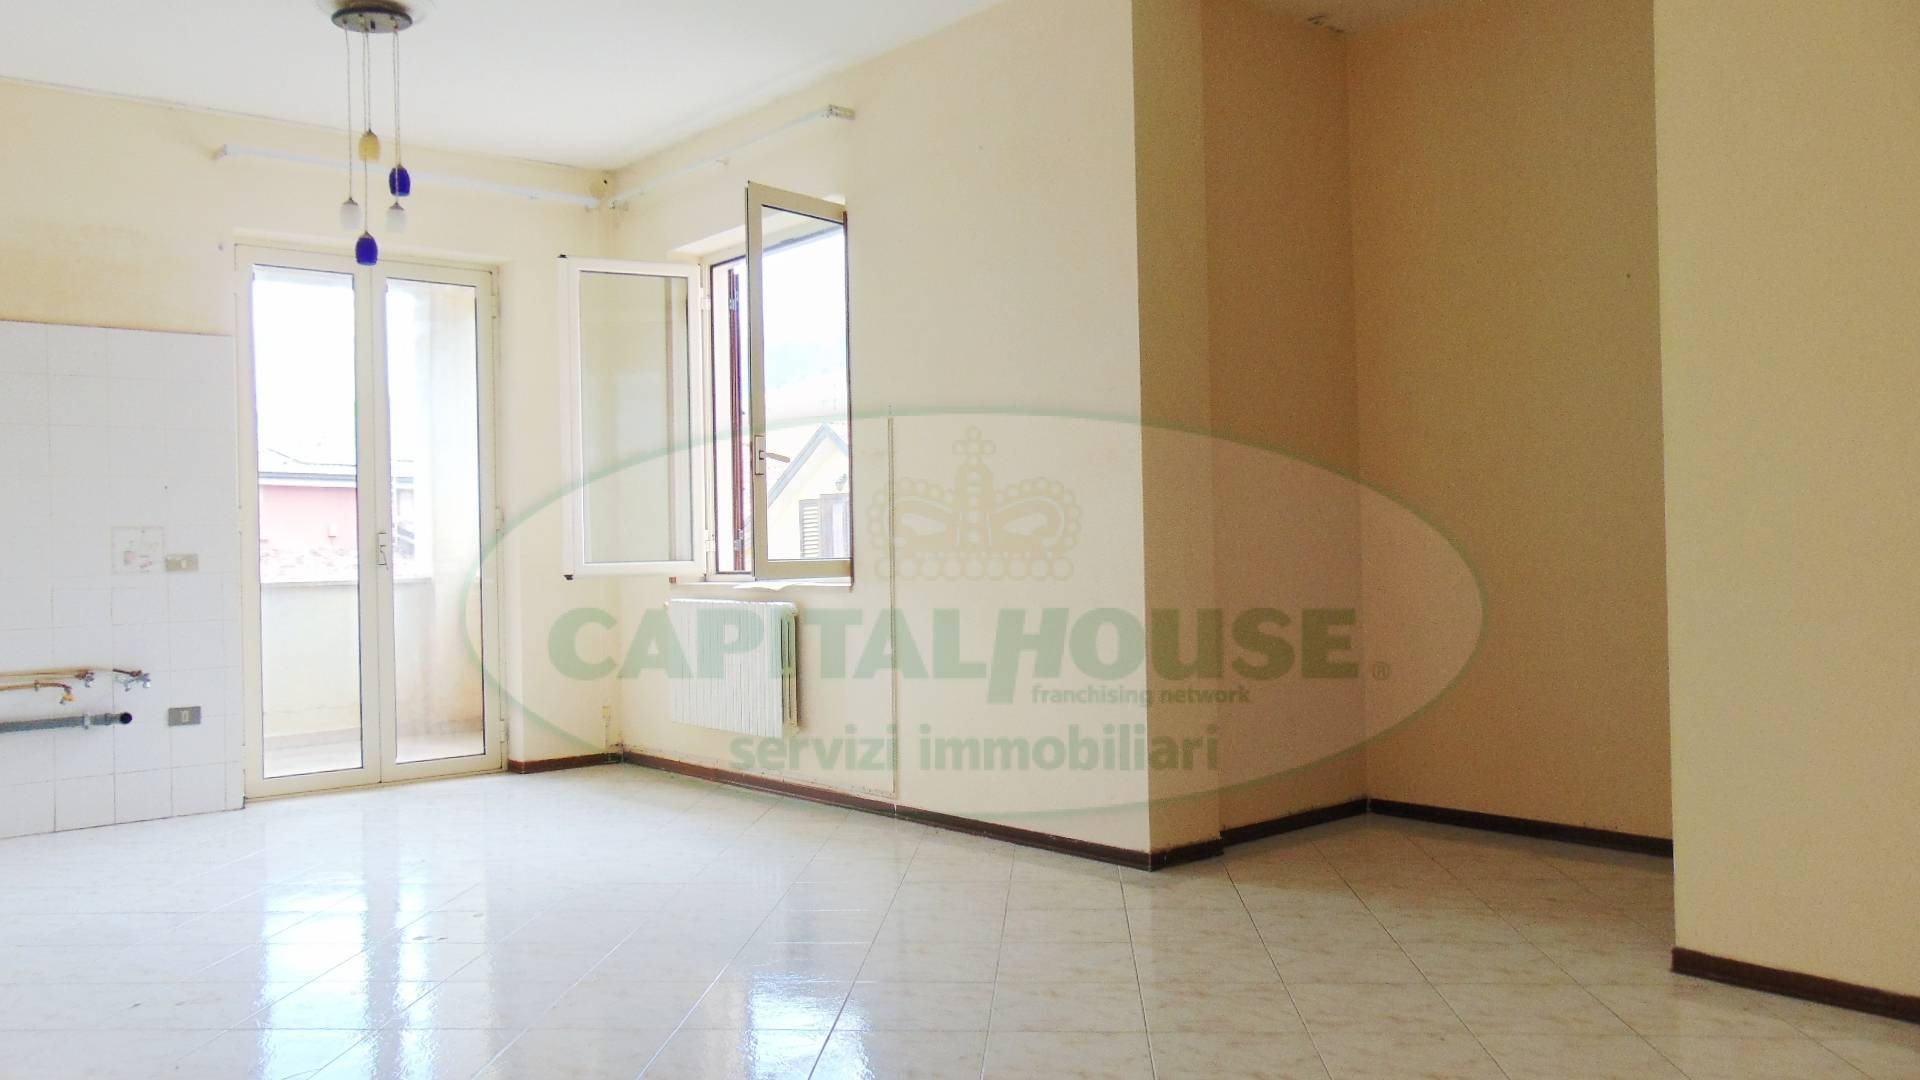 Appartamento in vendita a Sirignano, 4 locali, prezzo € 79.000 | CambioCasa.it